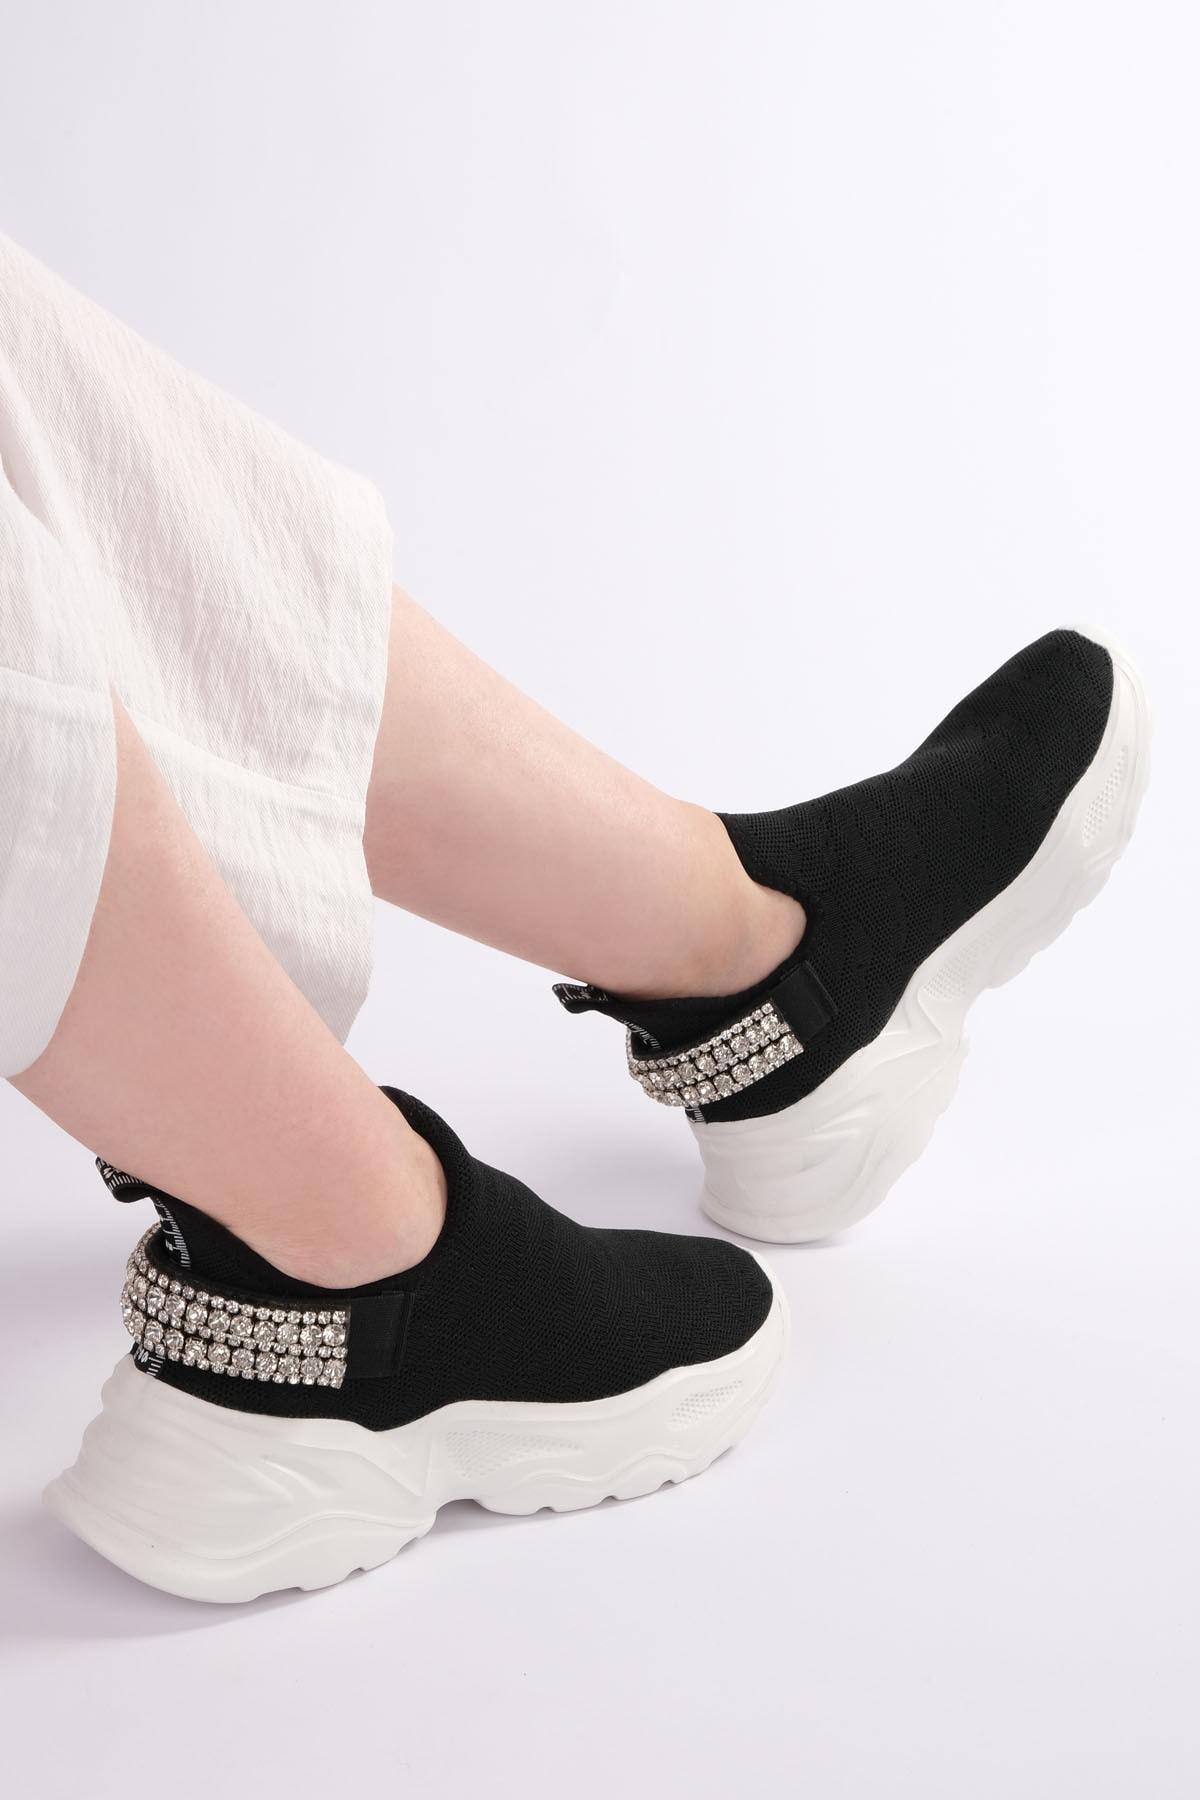 Marjin Kadın Siyah Sneaker Dolgu Topuk Çorap Spor Ayakkabı Dizva 1